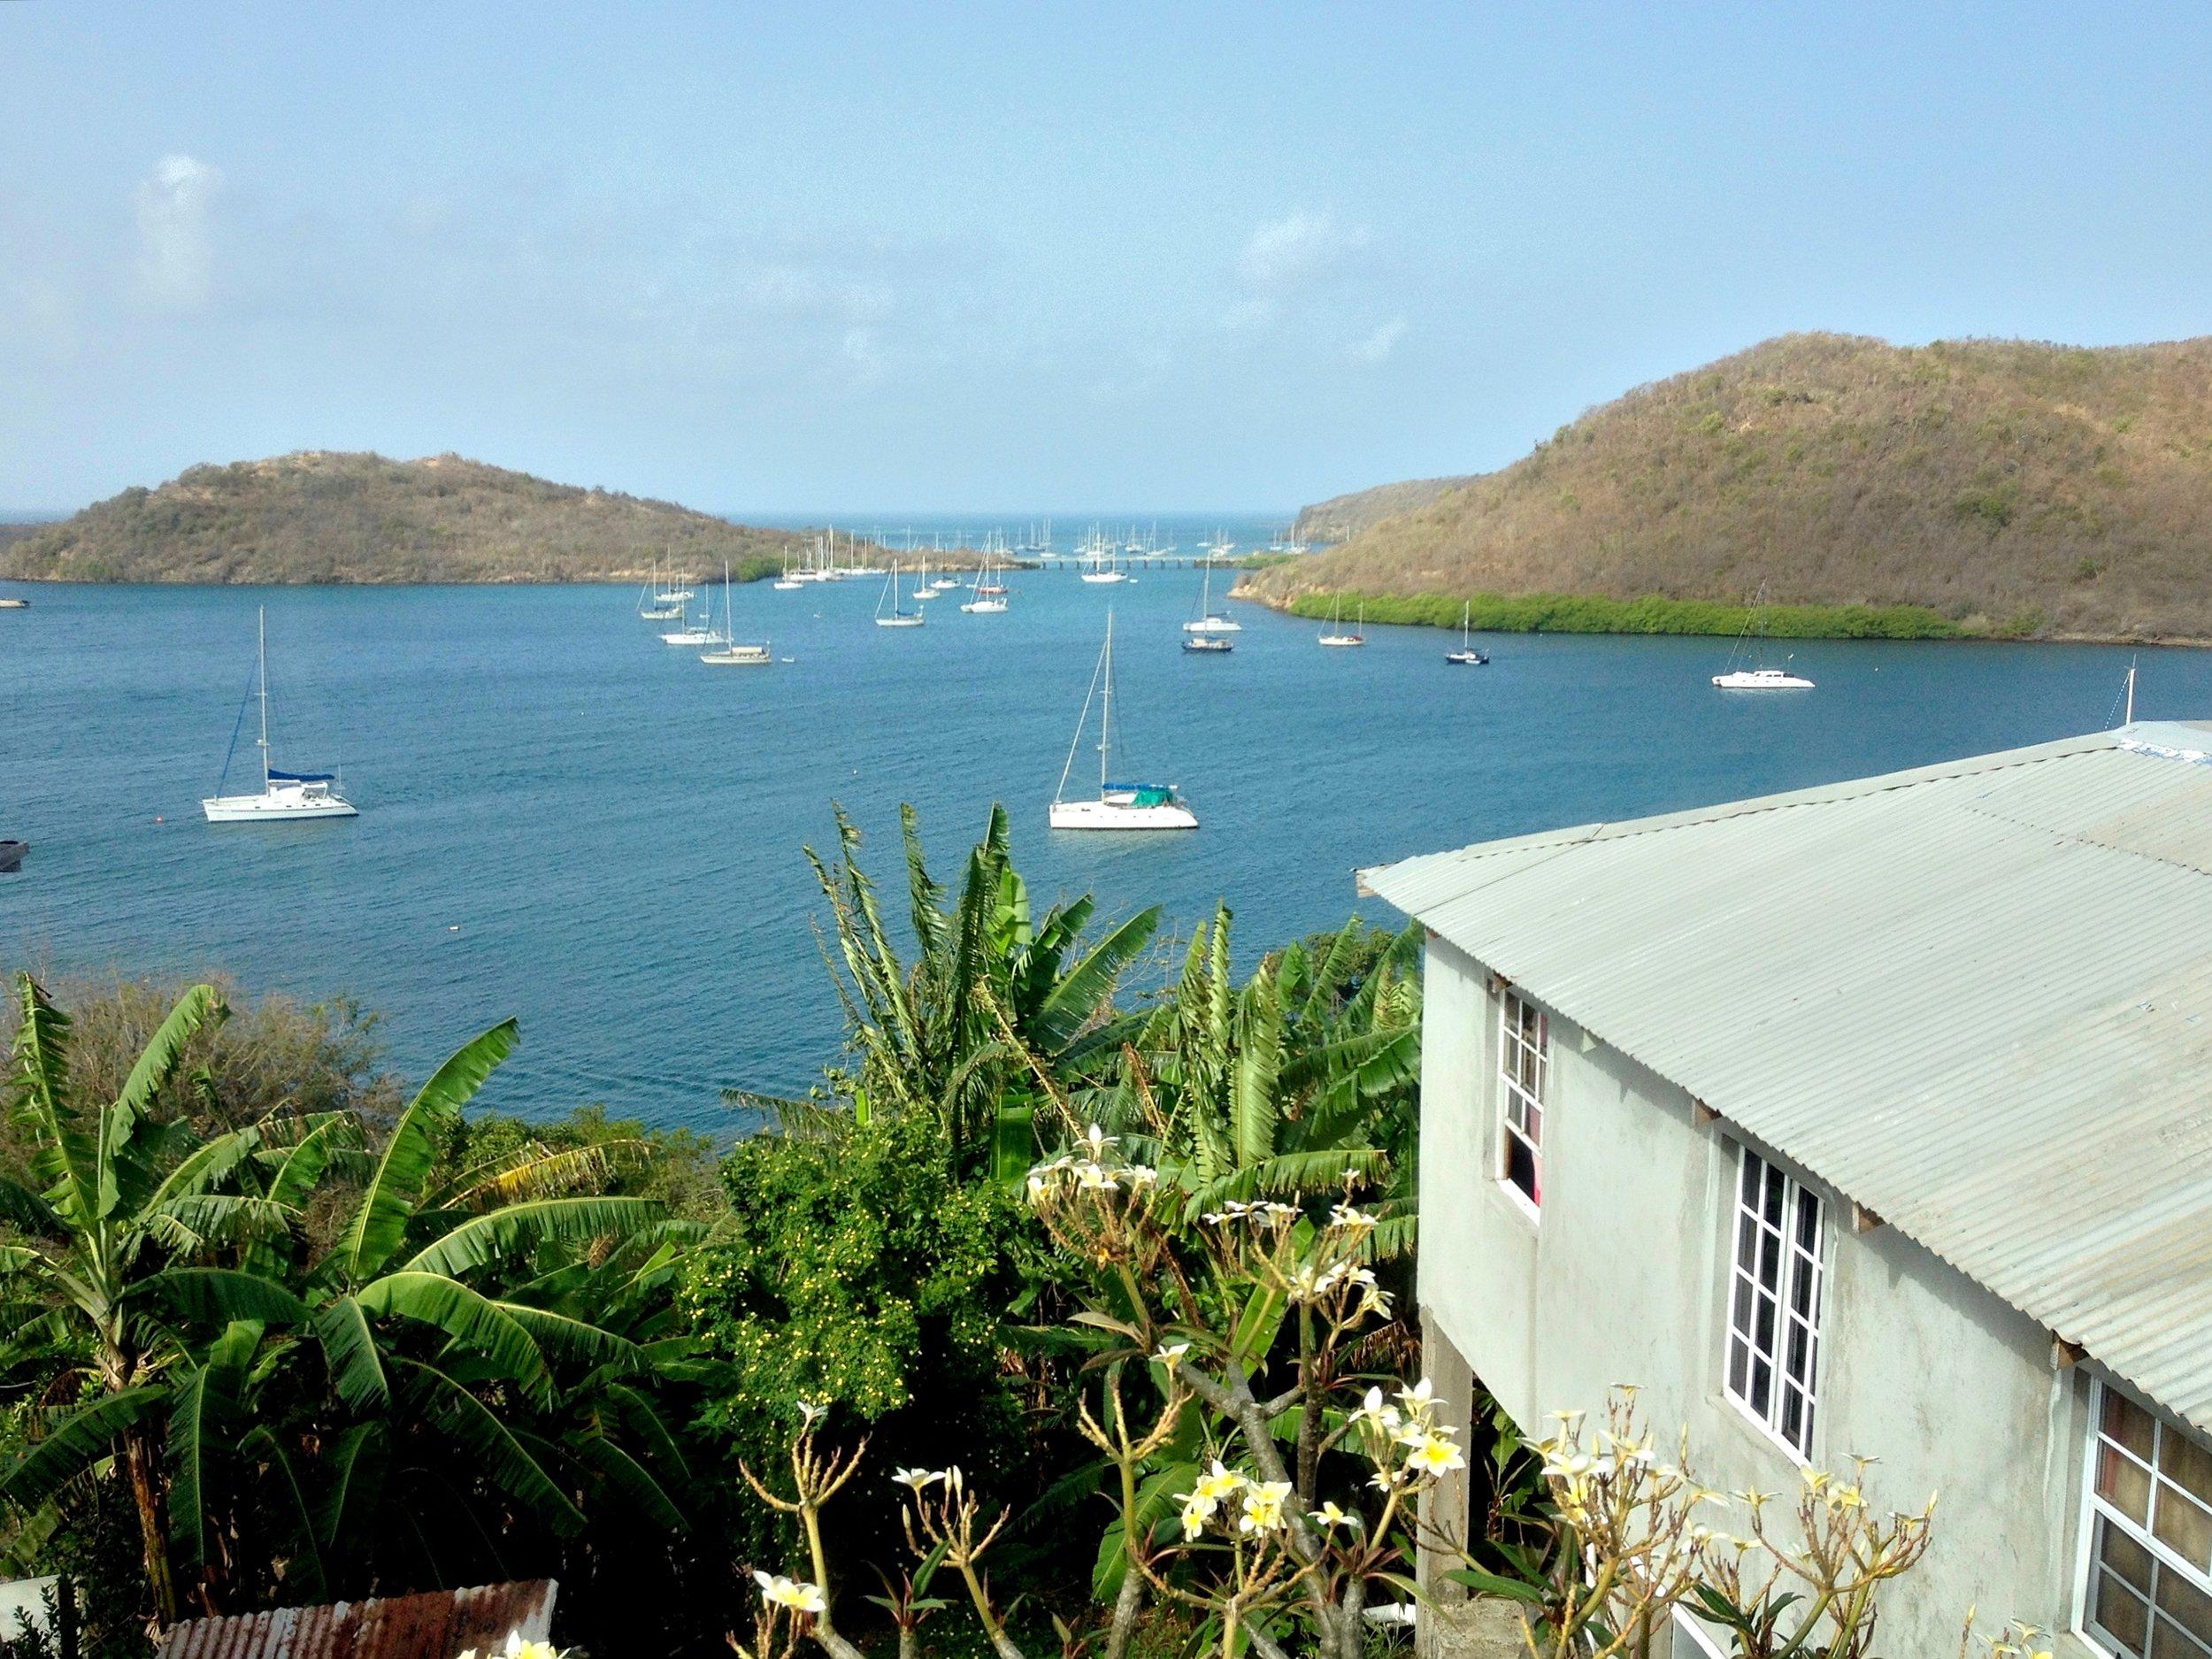 Grenada Sea View Sailboats.jpg